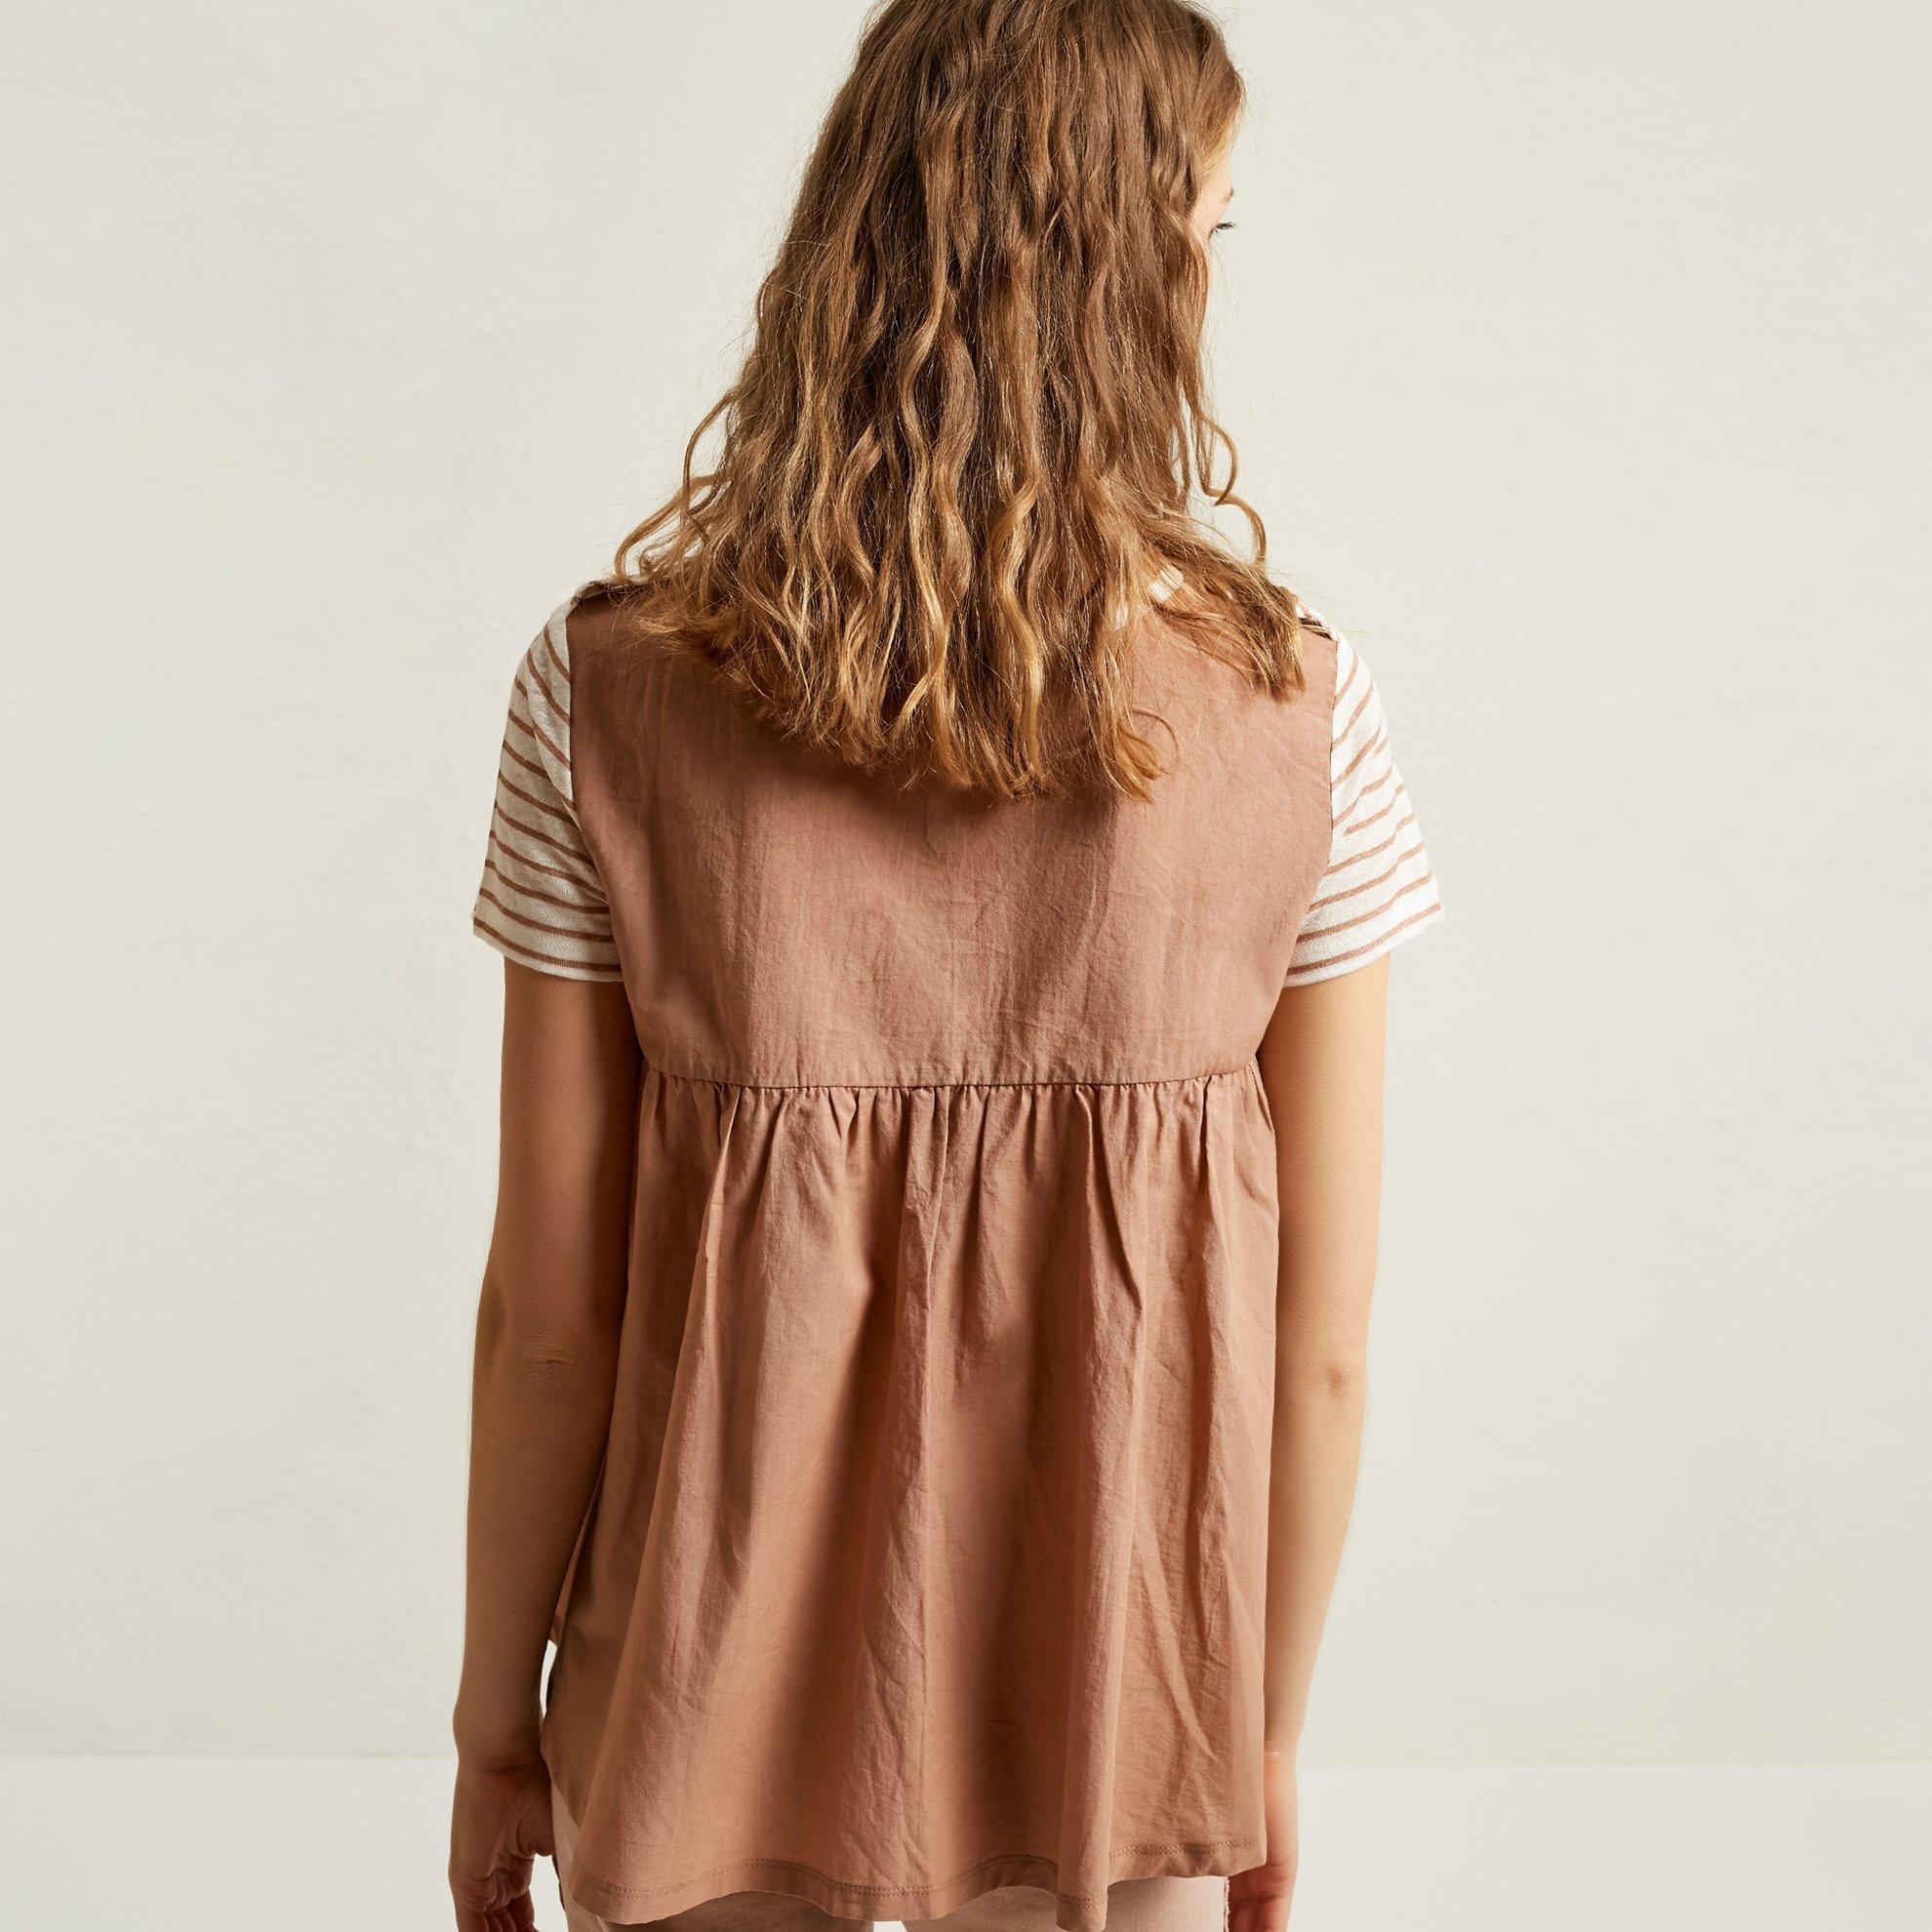 V Neck Secondary Fabric Detailed T-Shirt